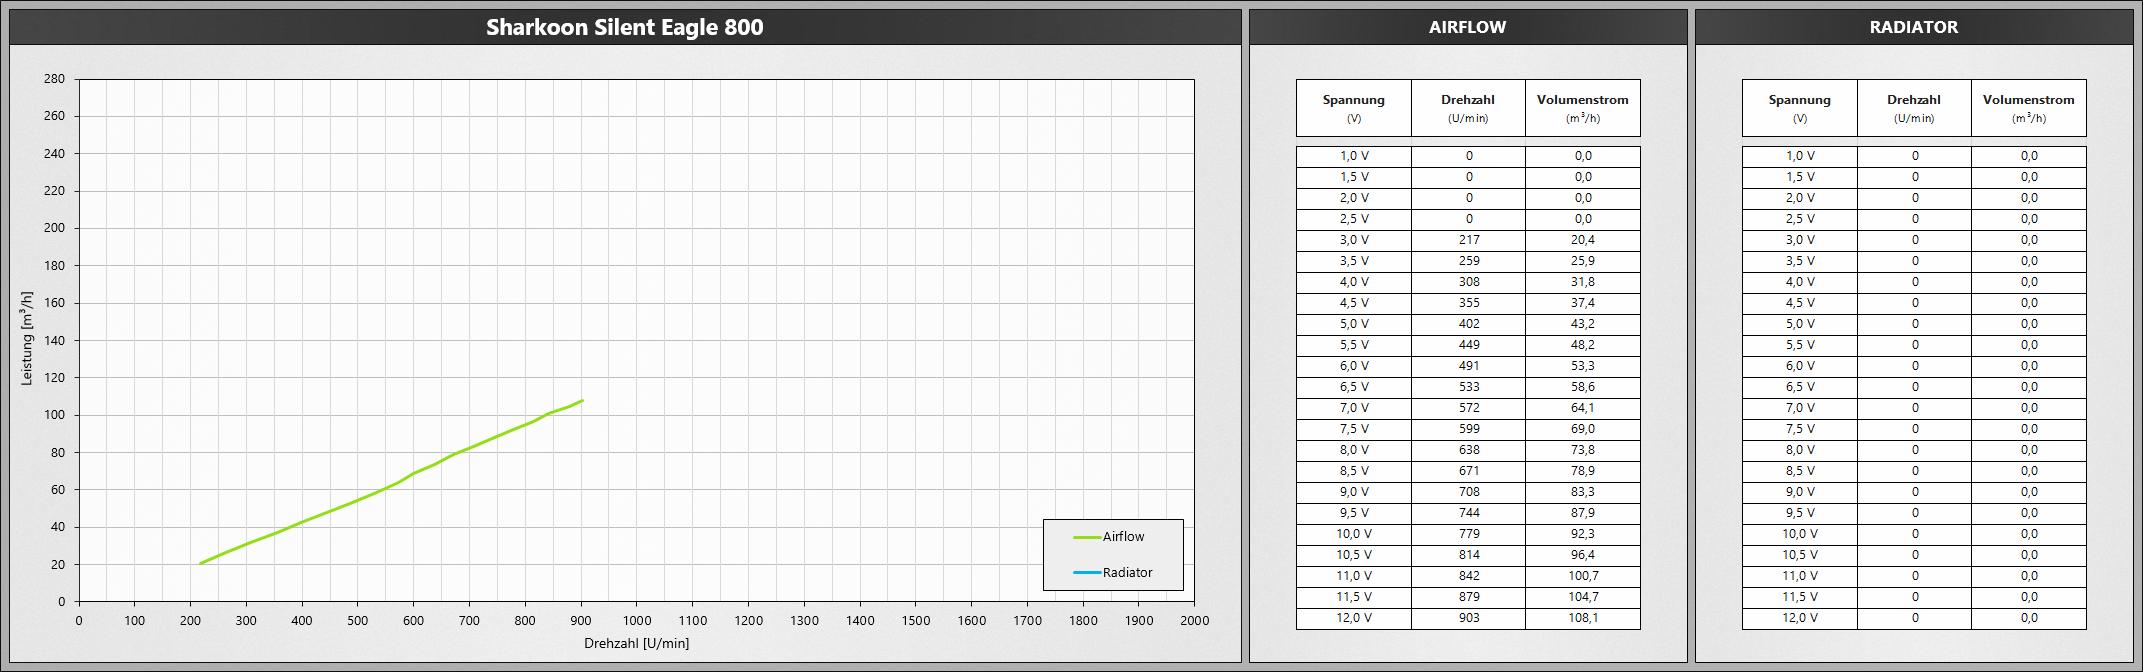 Klicken Sie auf die Grafik für eine größere Ansicht  Name:SharkoonSilentEagle800.png Hits:650 Größe:466,7 KB ID:1074786